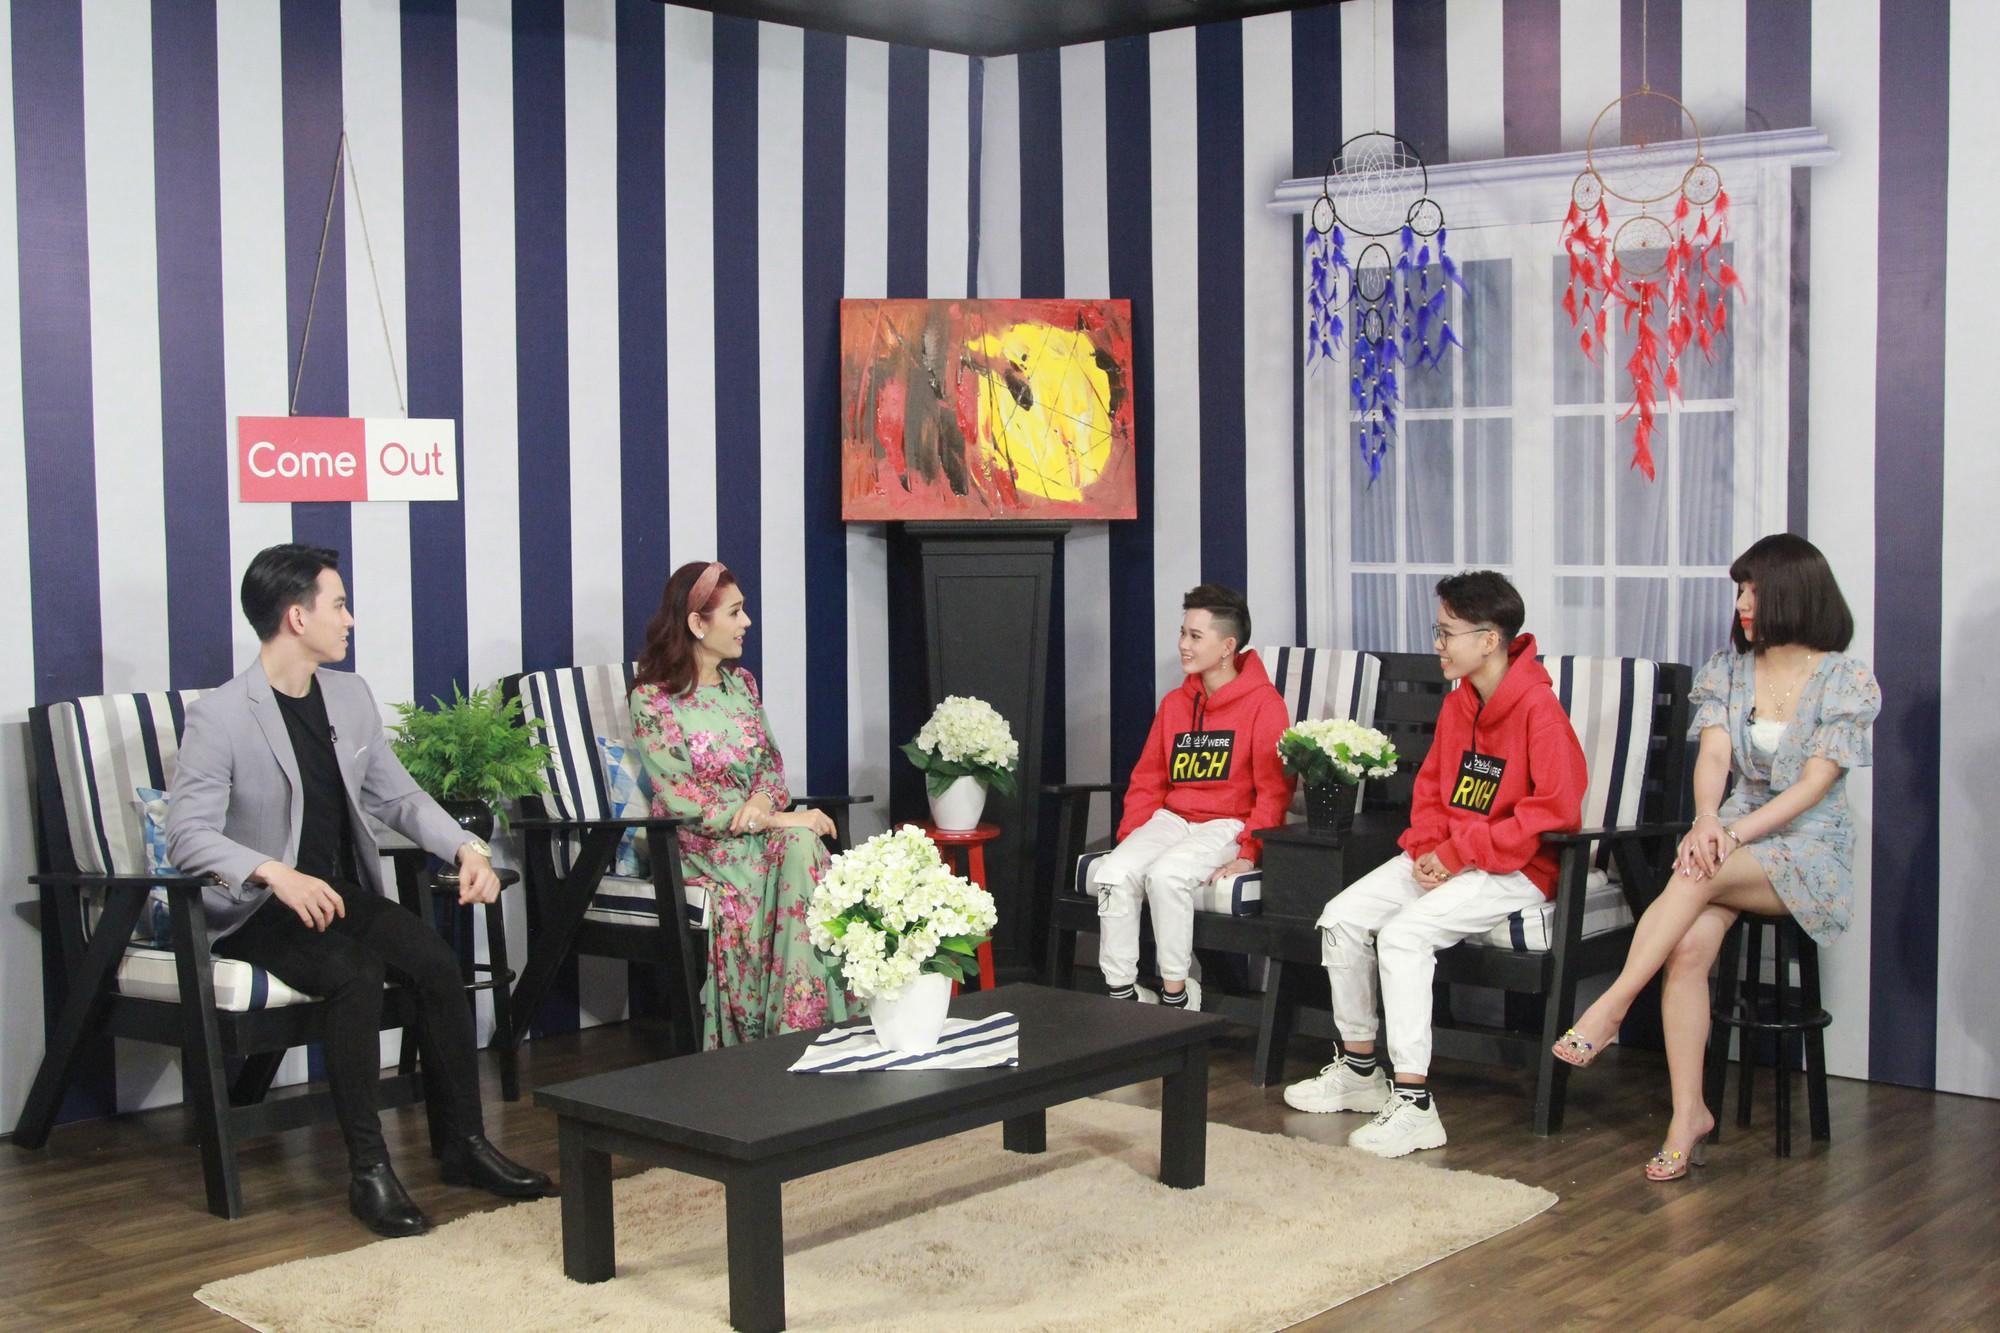 Lâm Khánh Chi hoang mang với 2 bạn nữ quen nhau nhưng không đụng chạm - Ảnh 2.